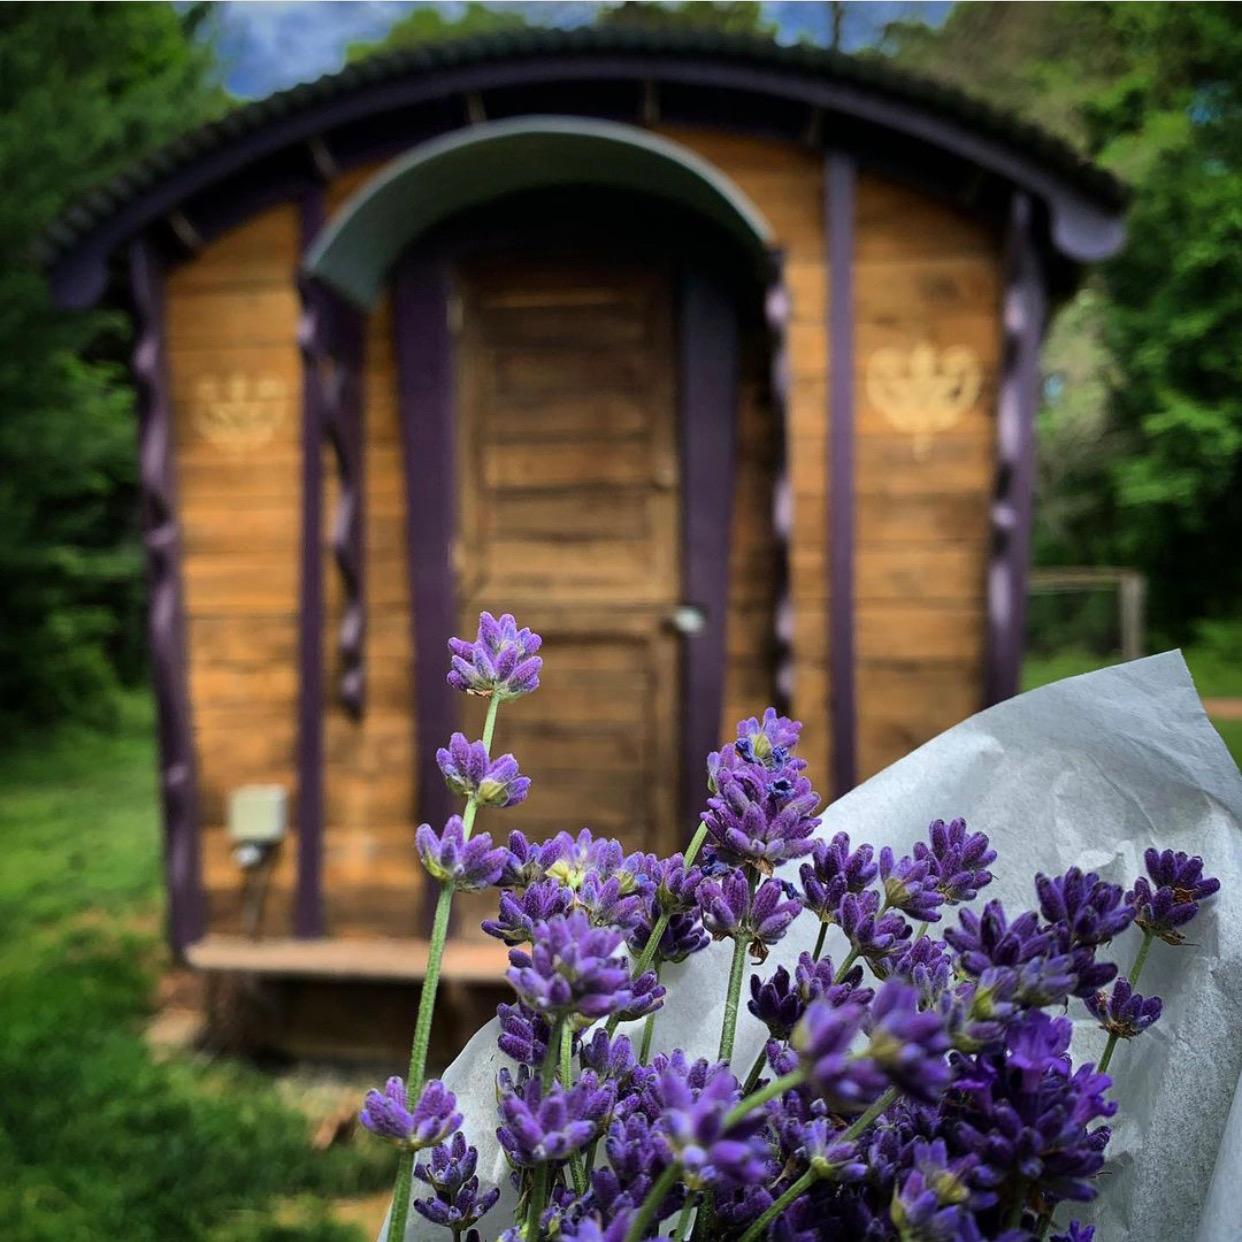 nj mom lavender farm 6 Relaxing Lavender Farms in New Jersey lavender fields nj krisdooley